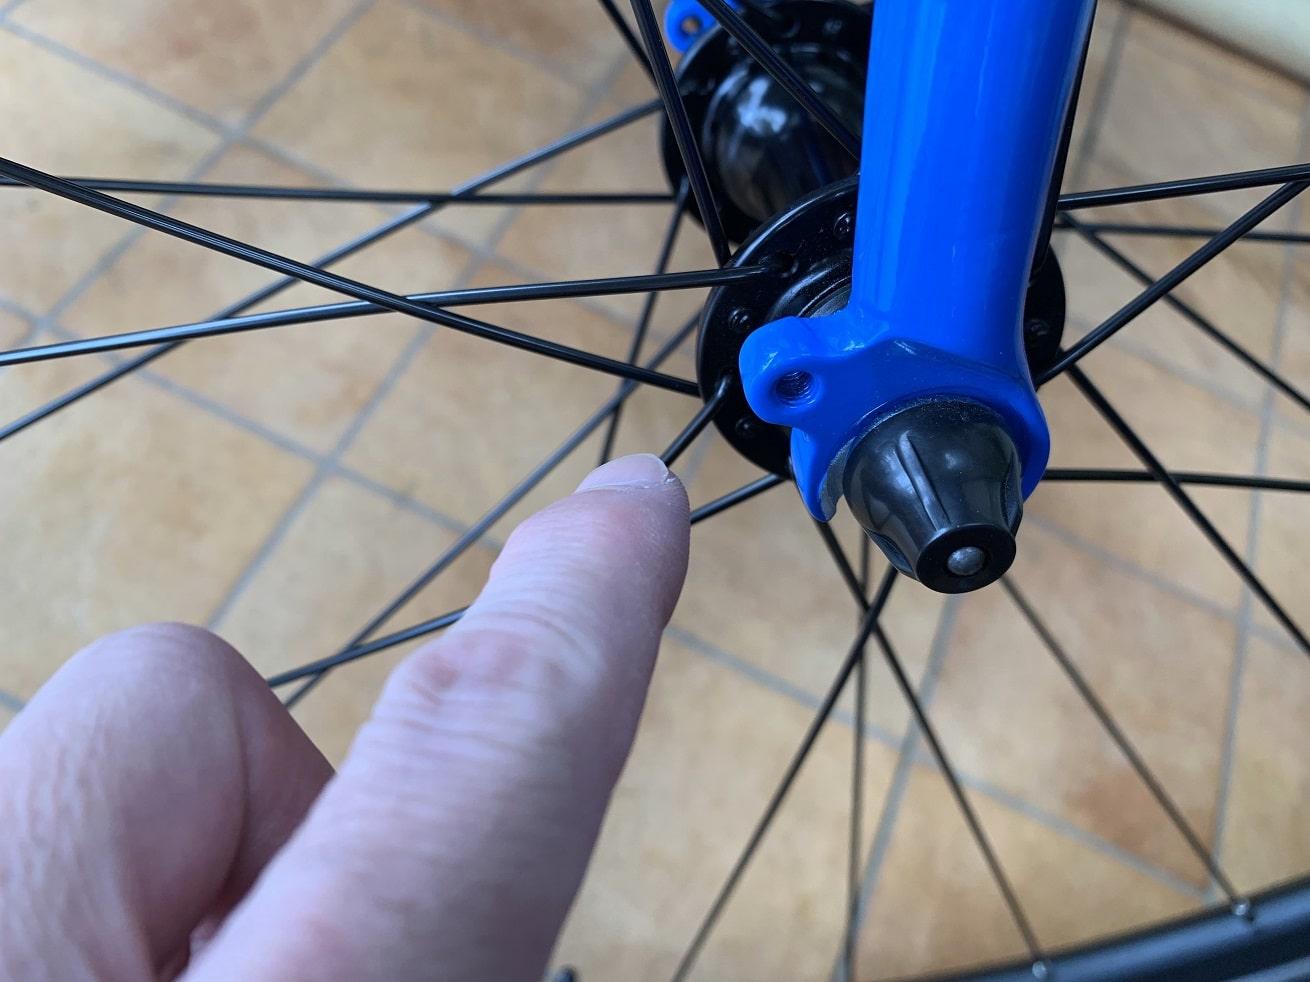 クロスバイクフェンダー取付時確認箇所「フロントフォークの取付ダボ」